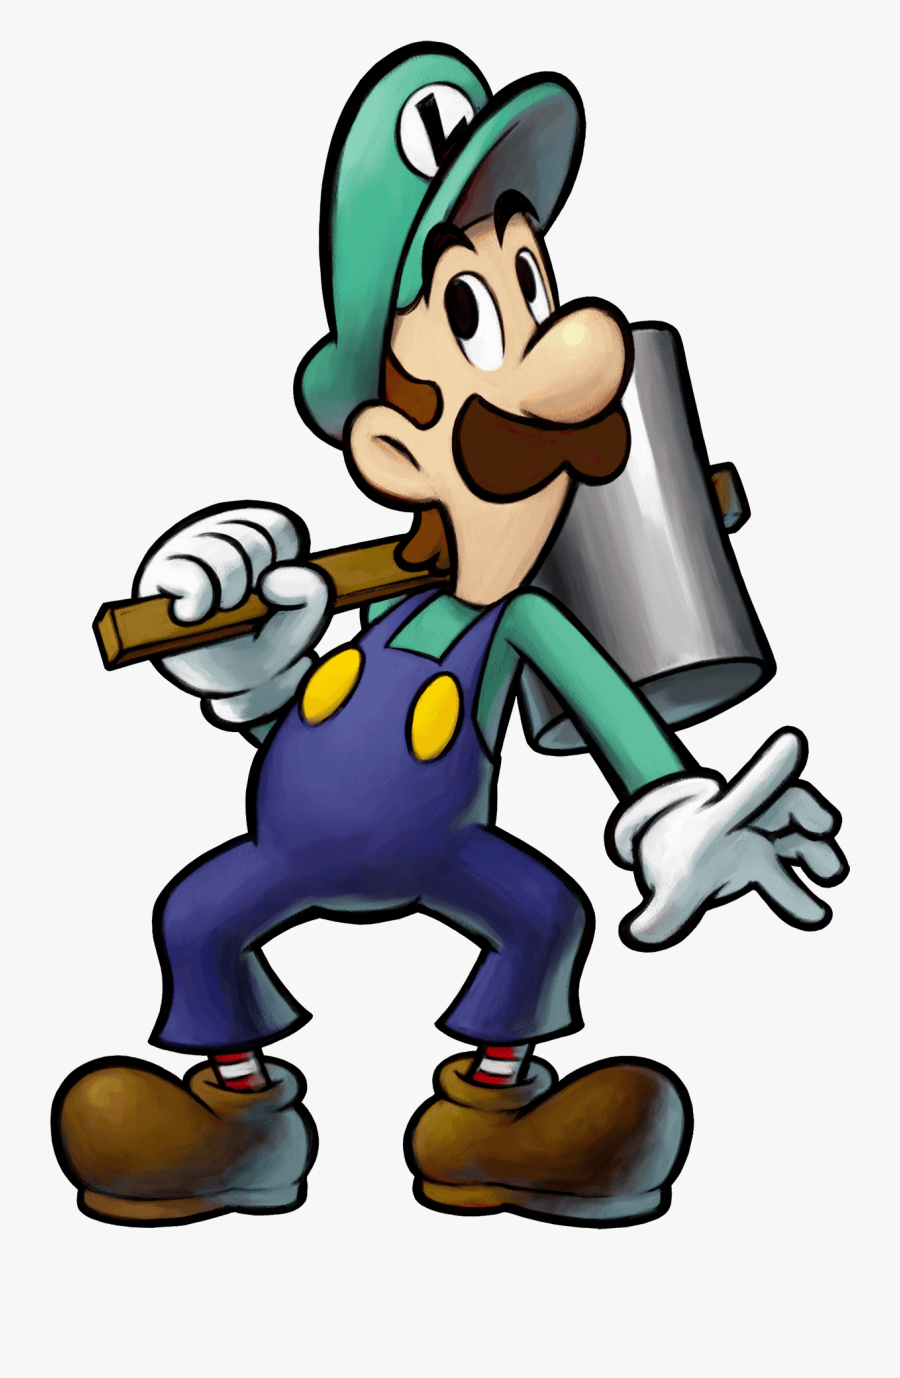 Super Mario Bros - Mario & Luigi Art, Transparent Clipart